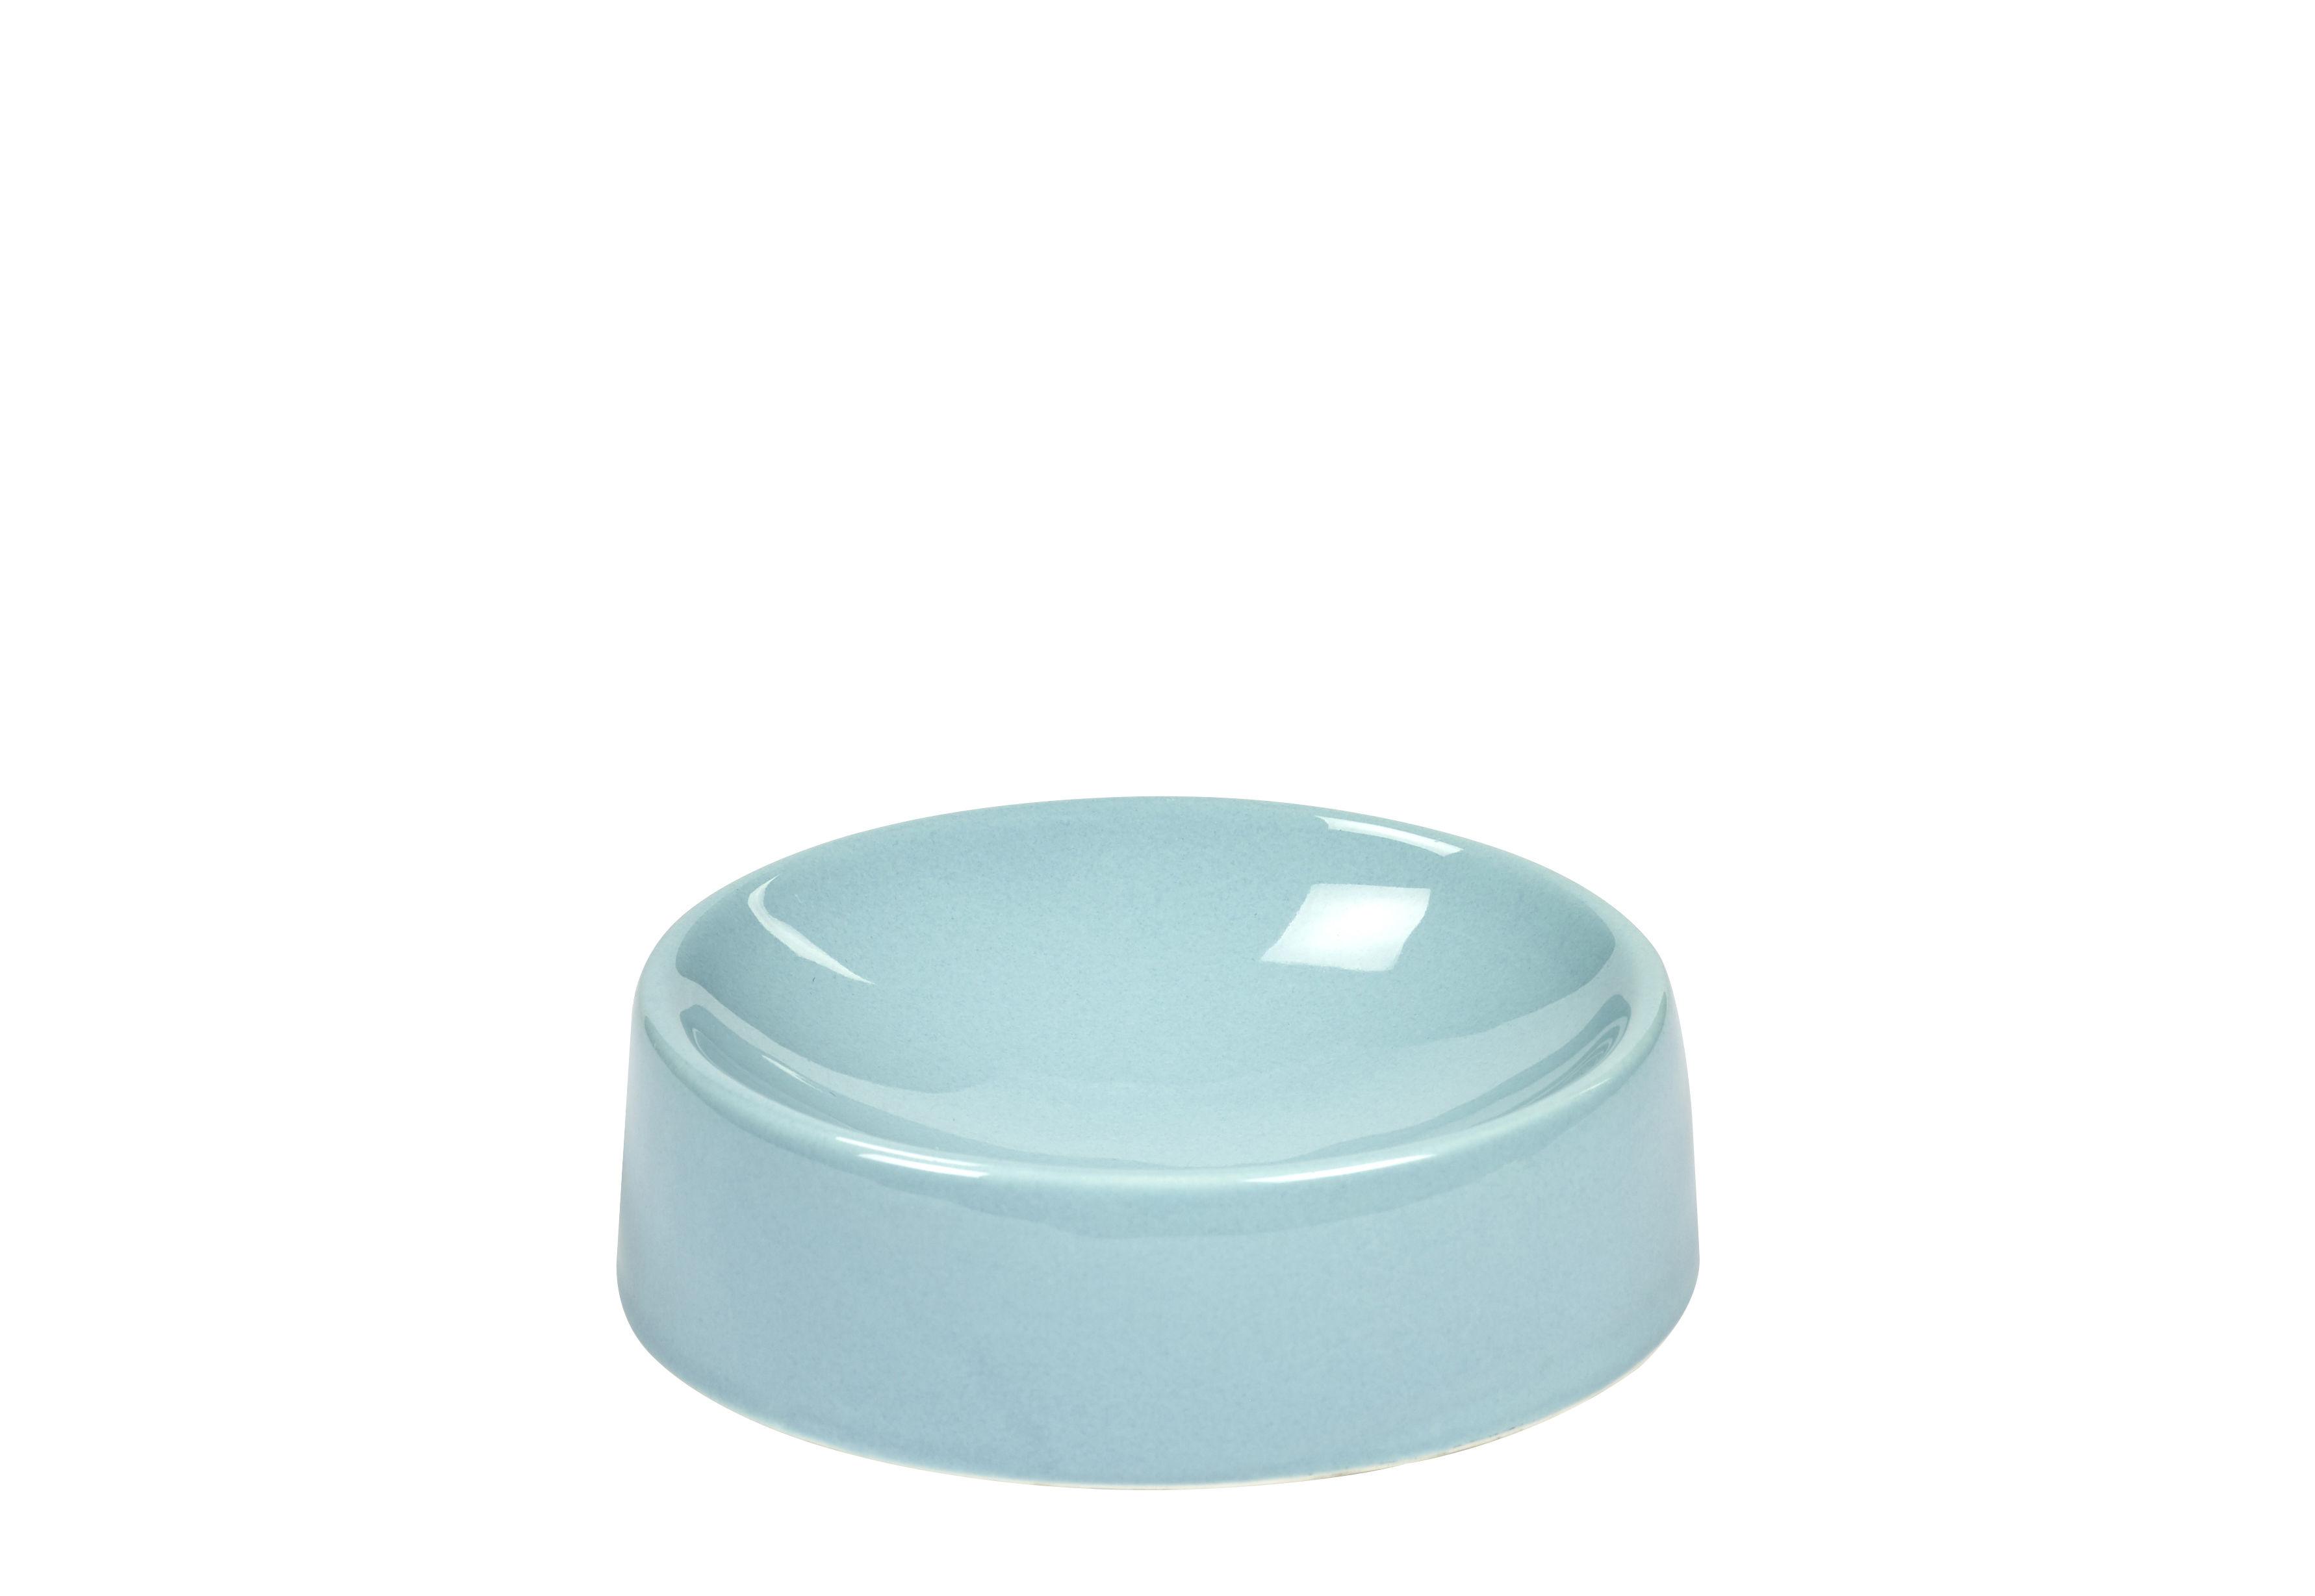 Tischkultur - Tassen und Becher - San Pellegrino Untertasse / flach - Ø 12 cm - Serax - Blau - Porzellan